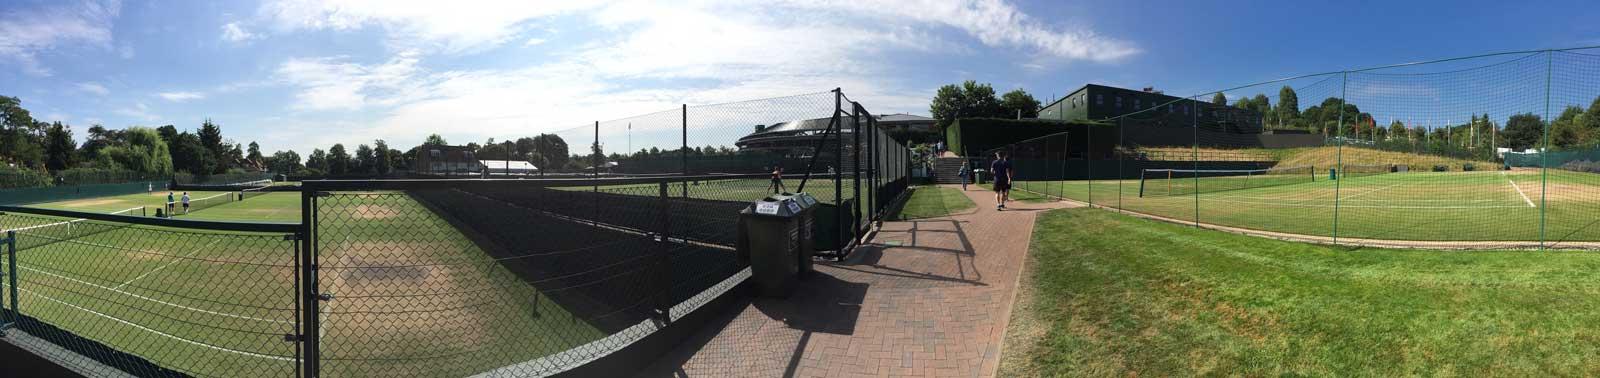 wimbledon-practicing-courts-panorama3